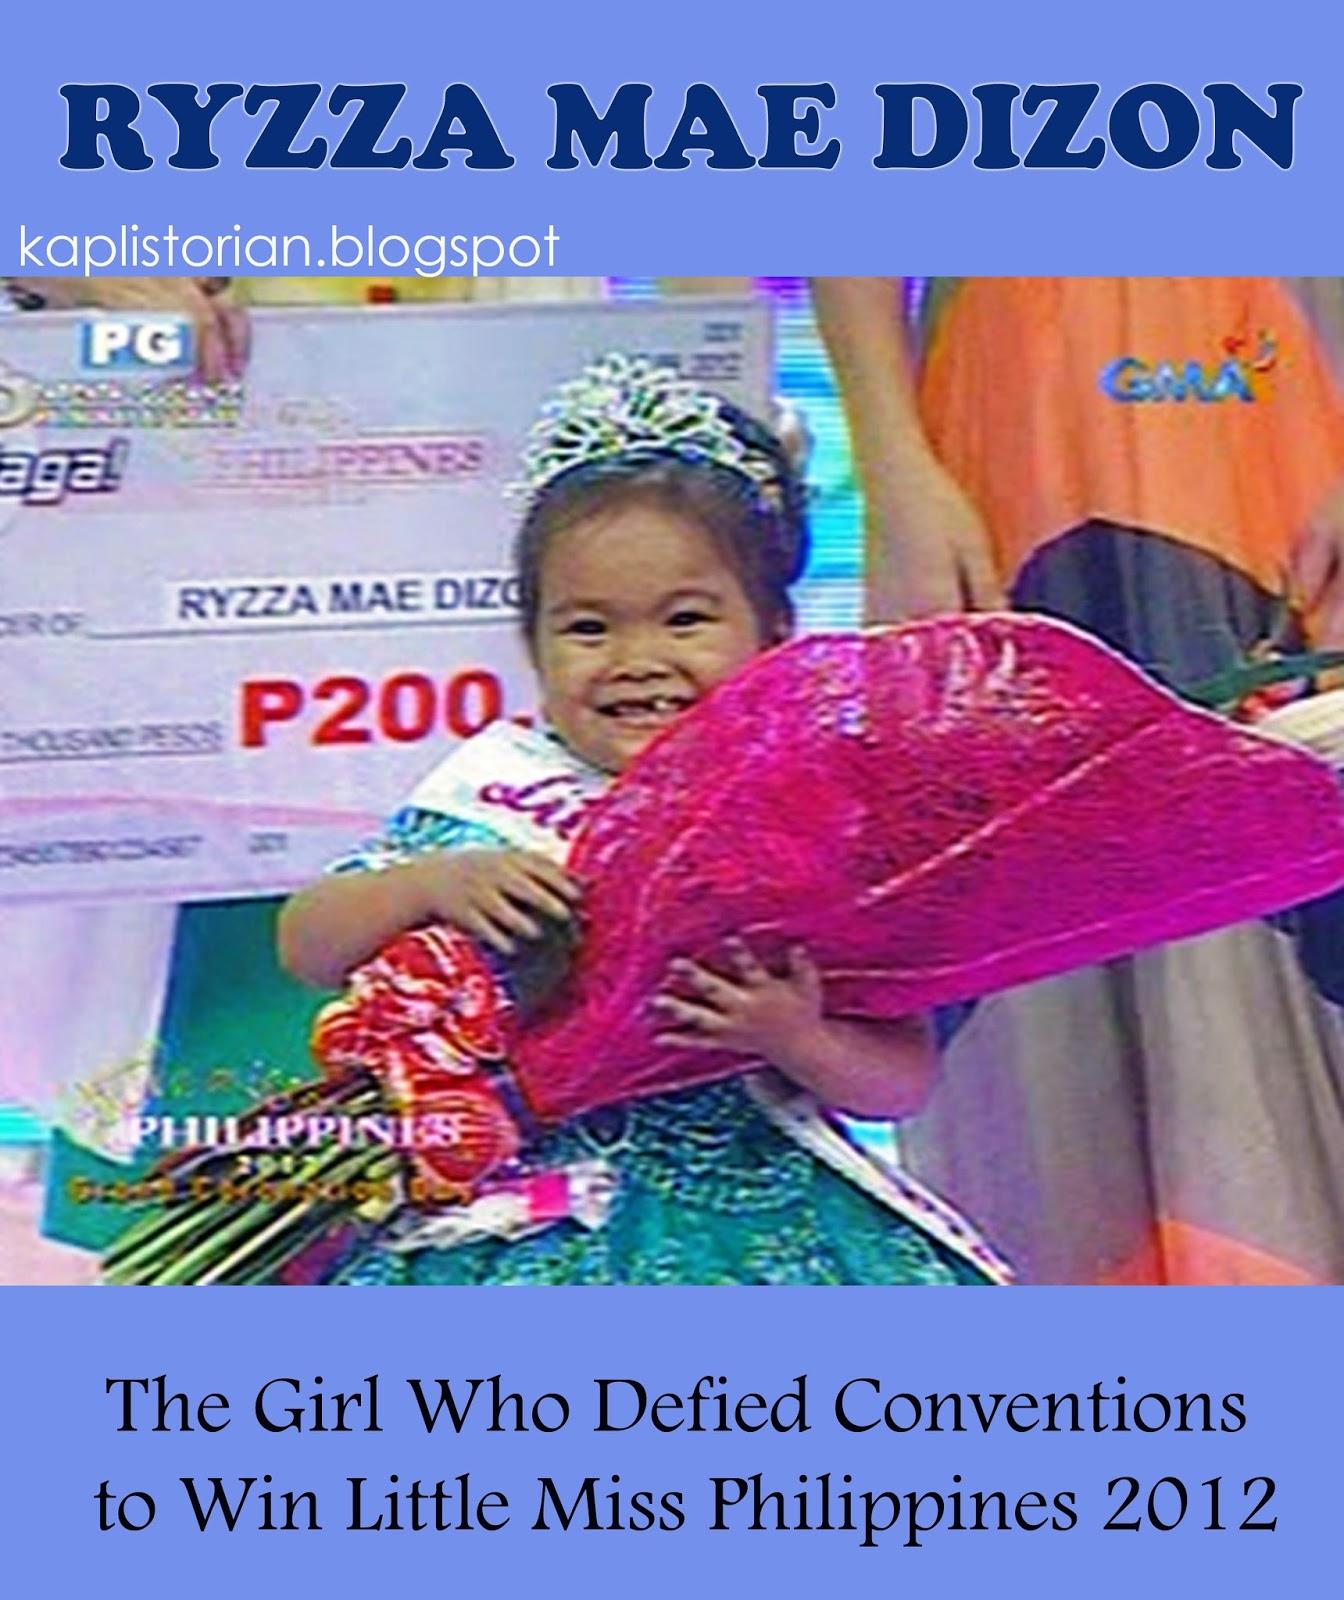 Ryzza Mae Dizon (b. 2005)